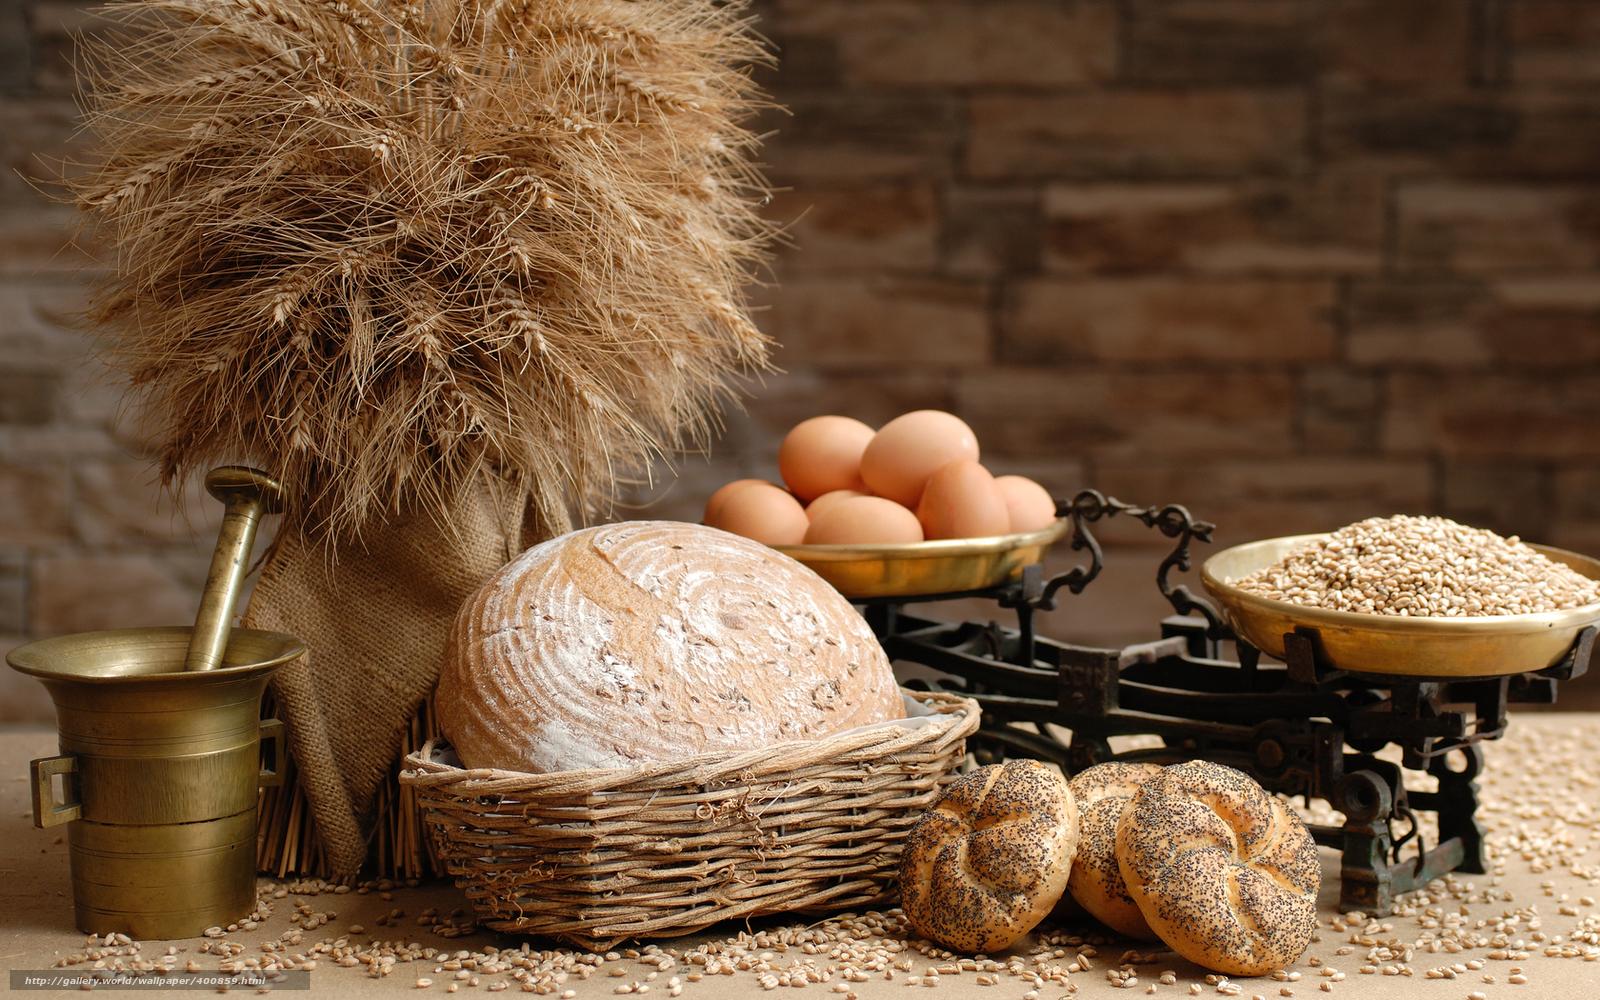 Скачать обои яйца,  зерно,  булочки,  хлеб бесплатно для рабочего стола в разрешении 1680x1050 — картинка №400859